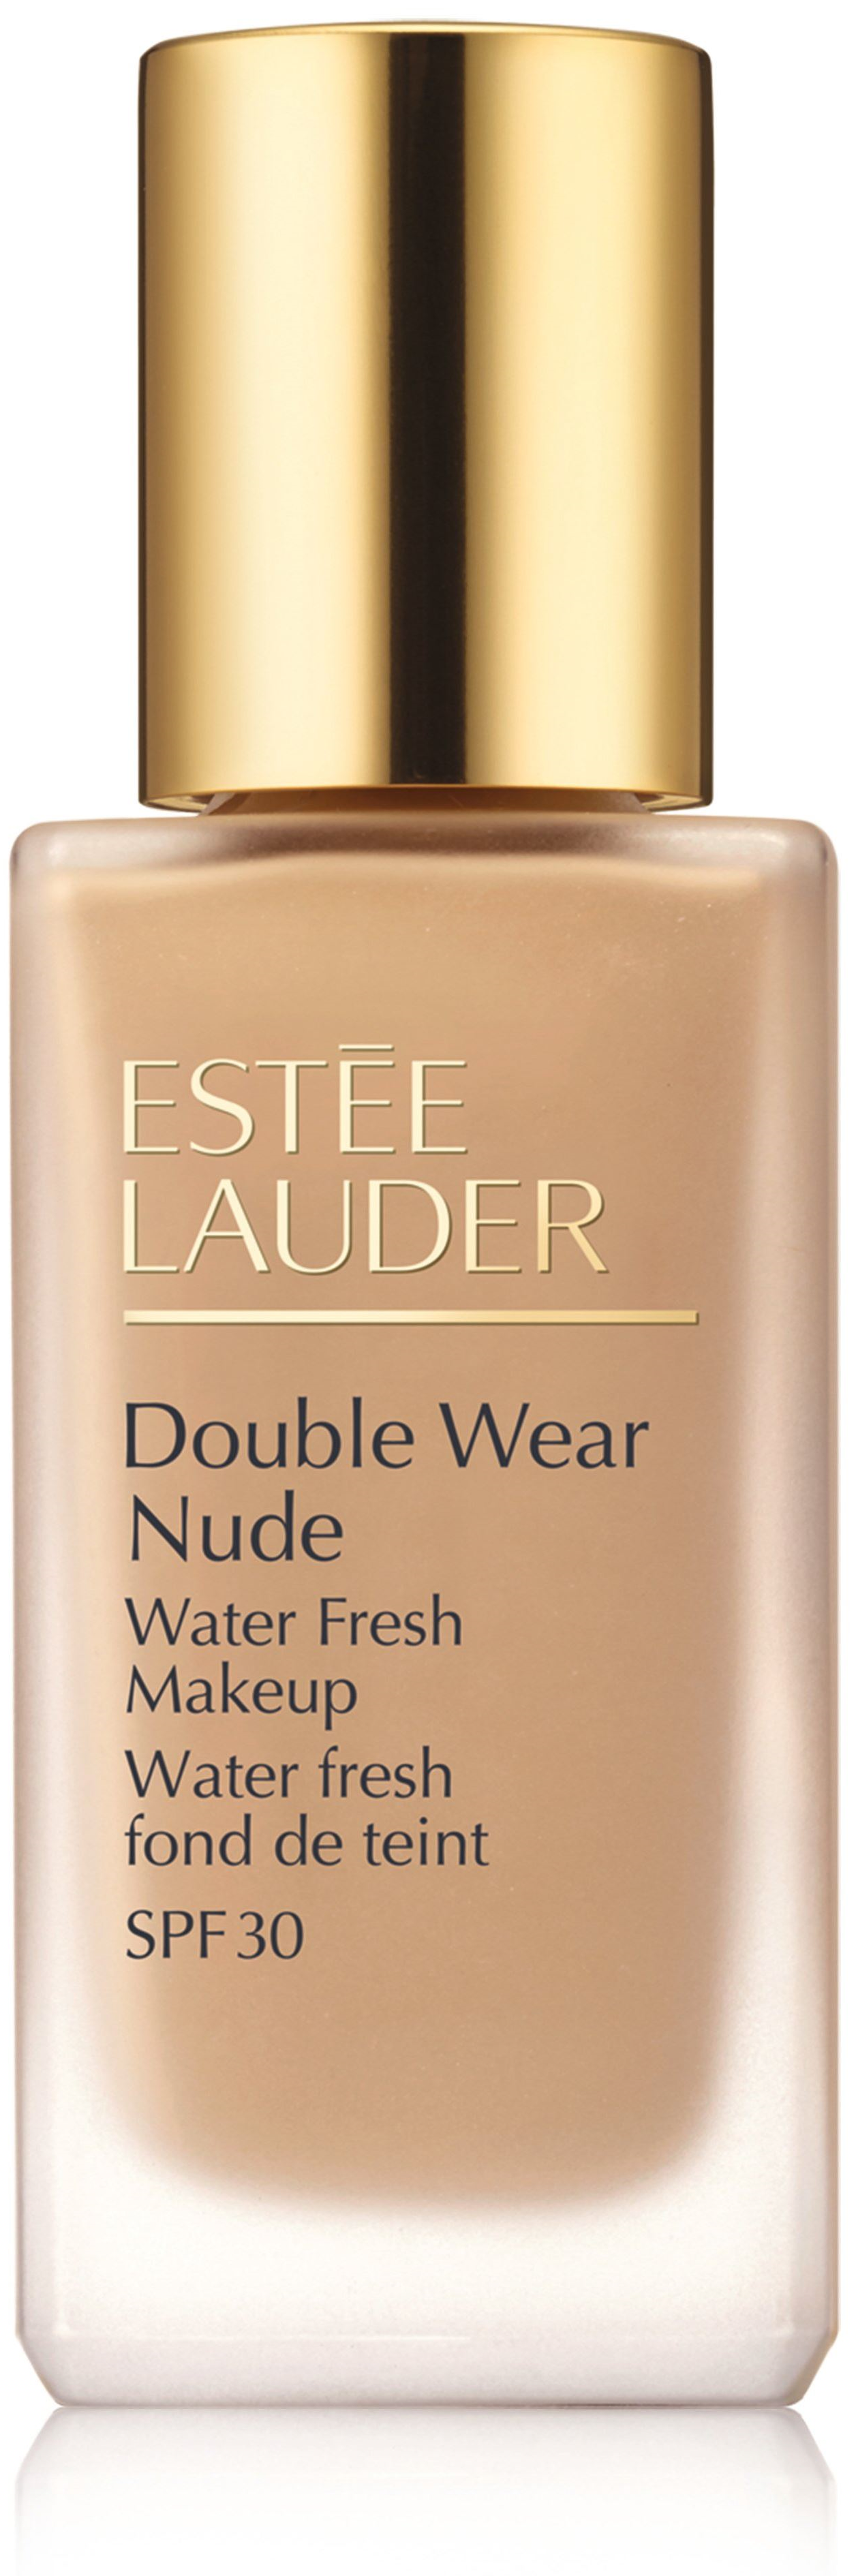 Estee lauder, double wear, nude water fresh makeup, lekki